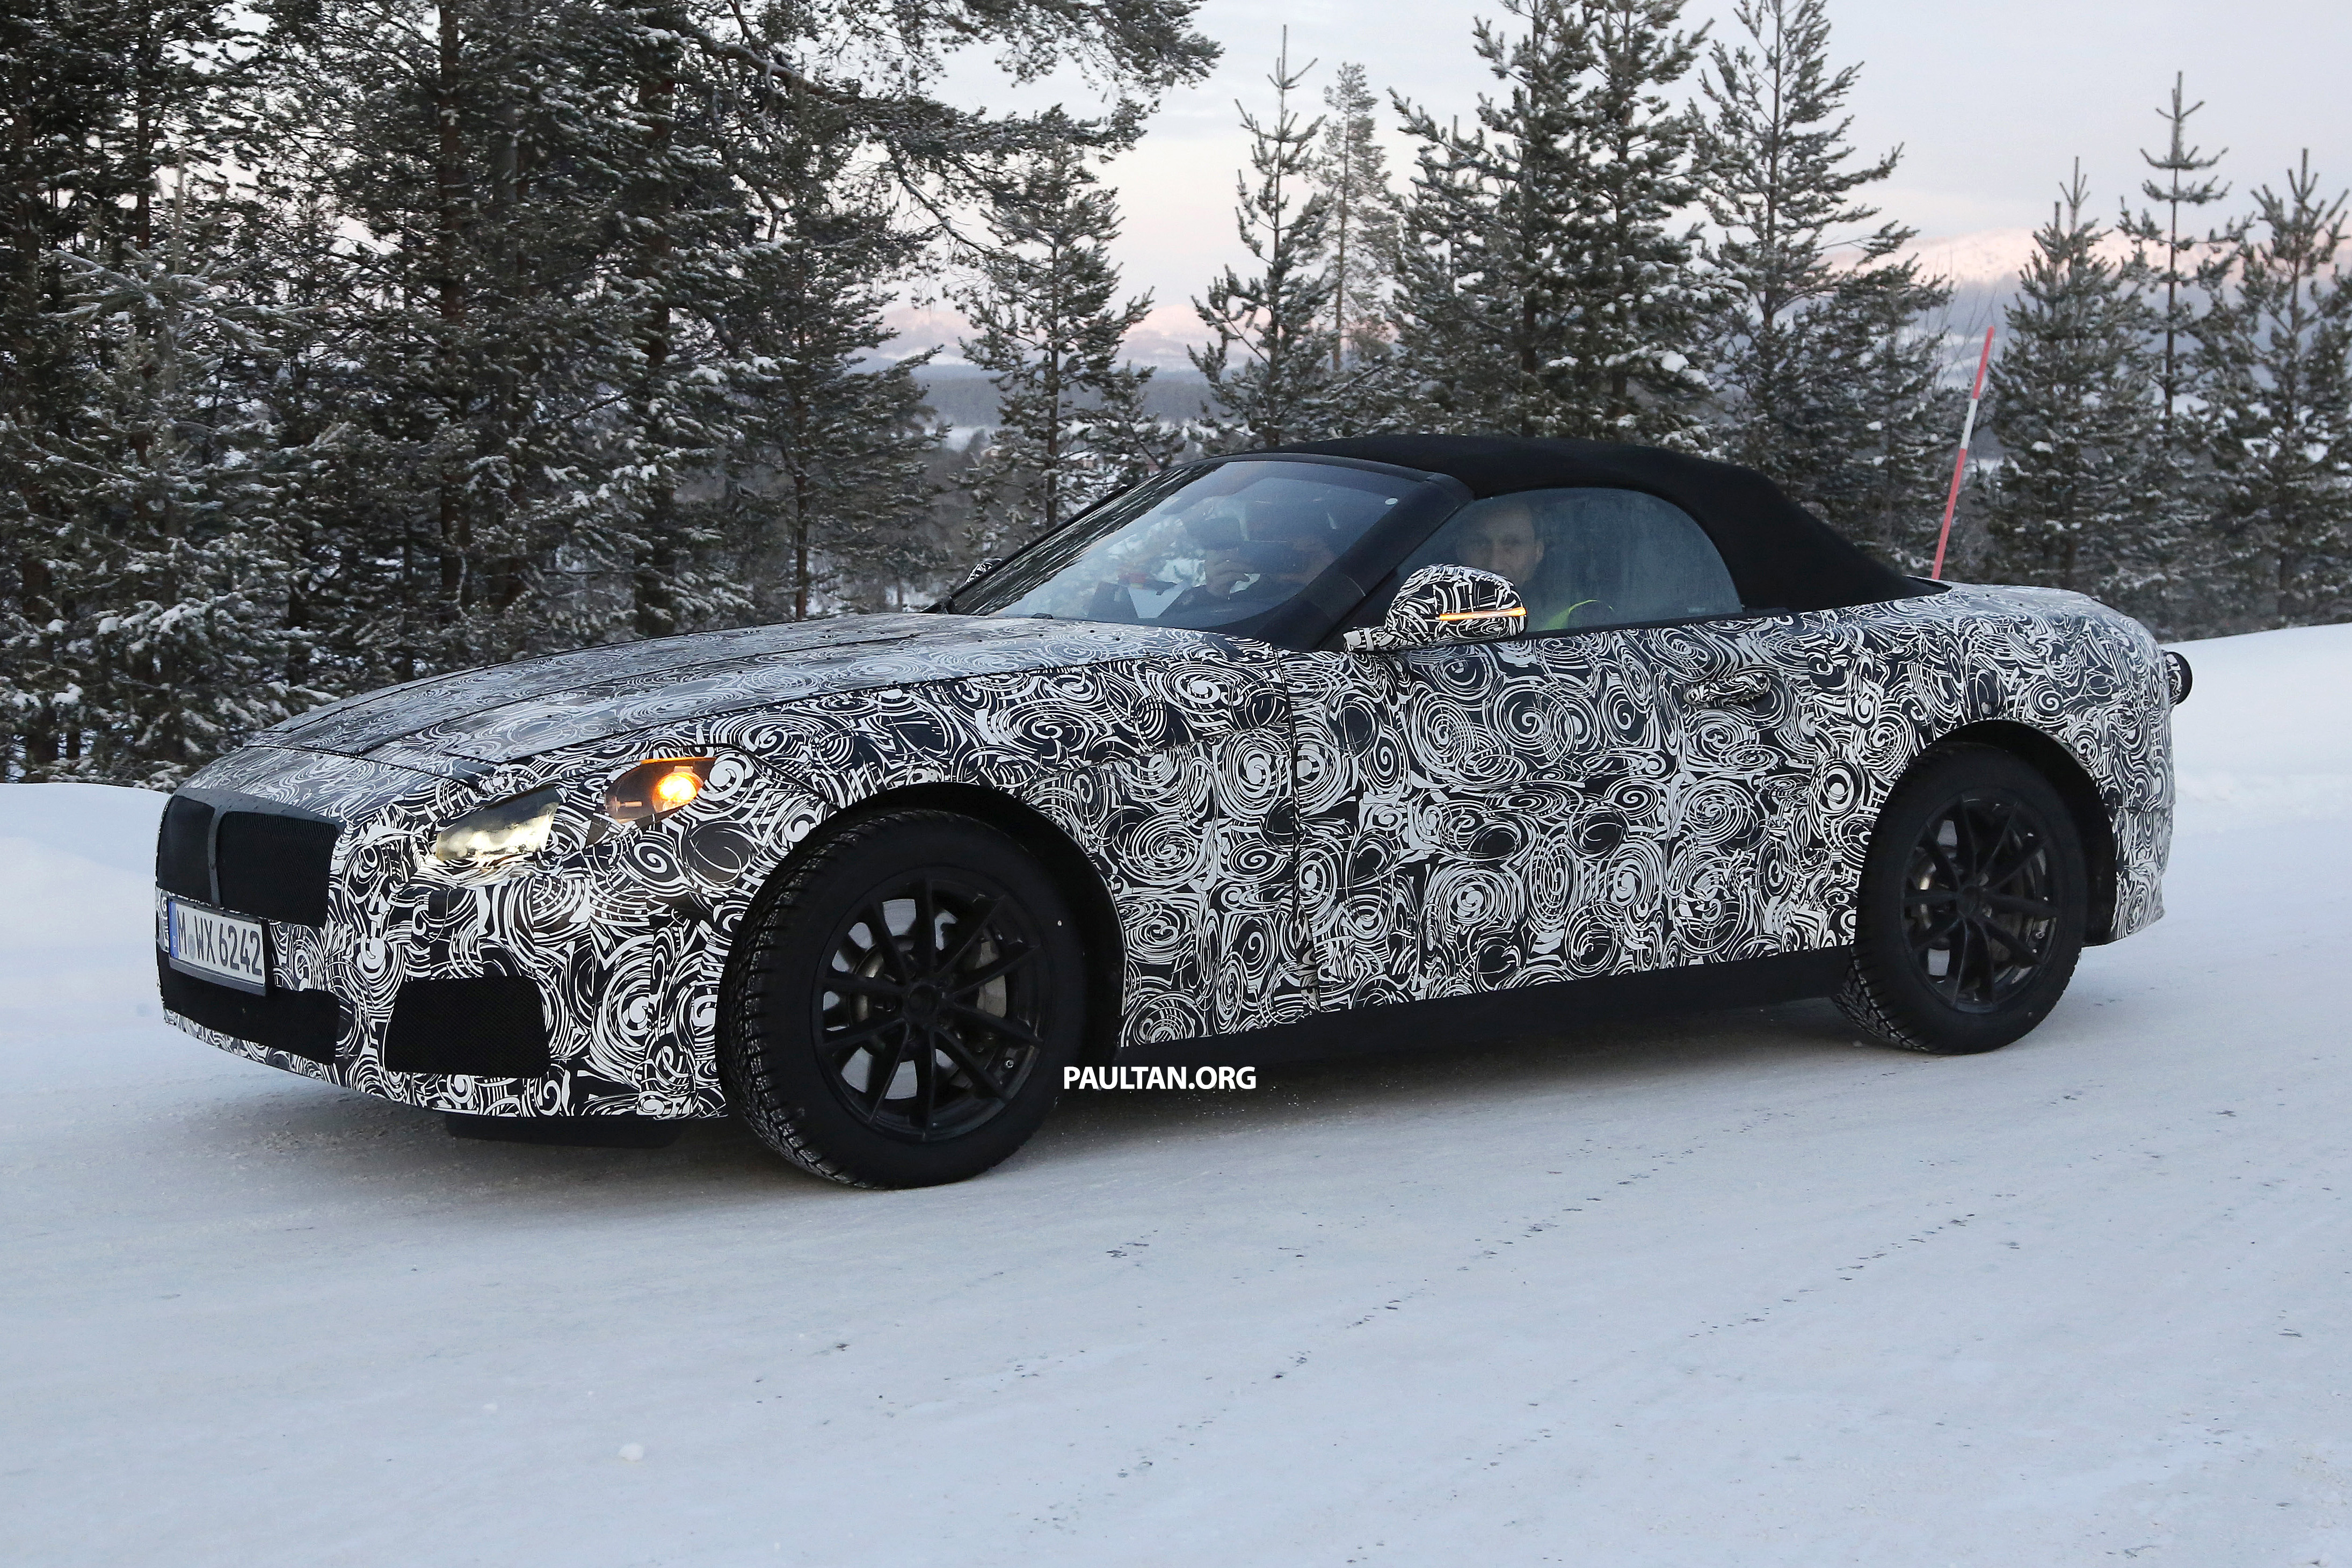 """SPYSHOTS: BMW """"Z5"""" to spawn next Toyota Supra? Image 431459"""